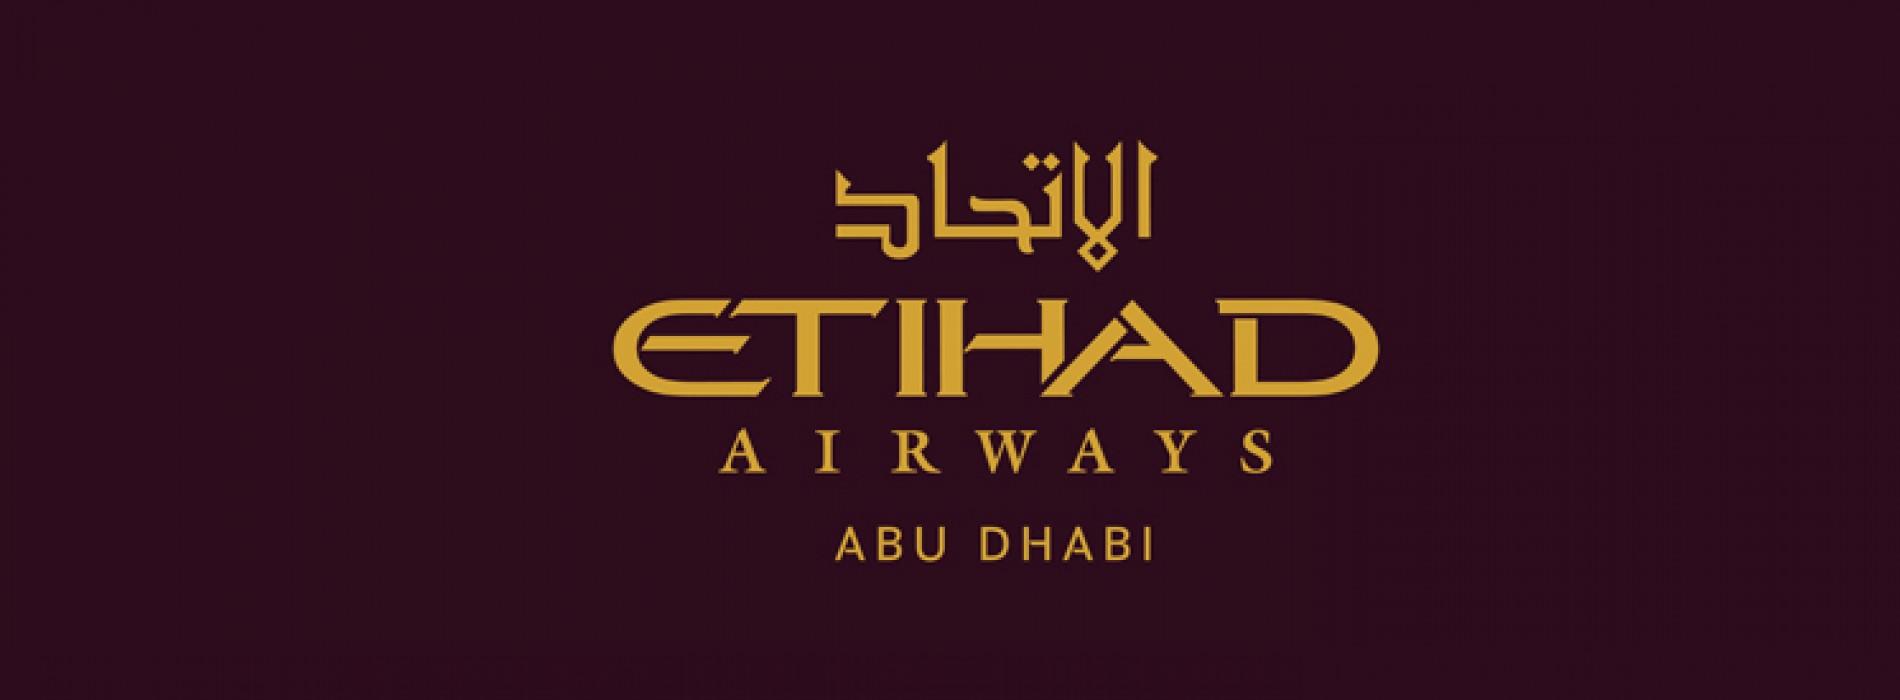 Etihad Airways goes live on Travelport Smartpoint platform